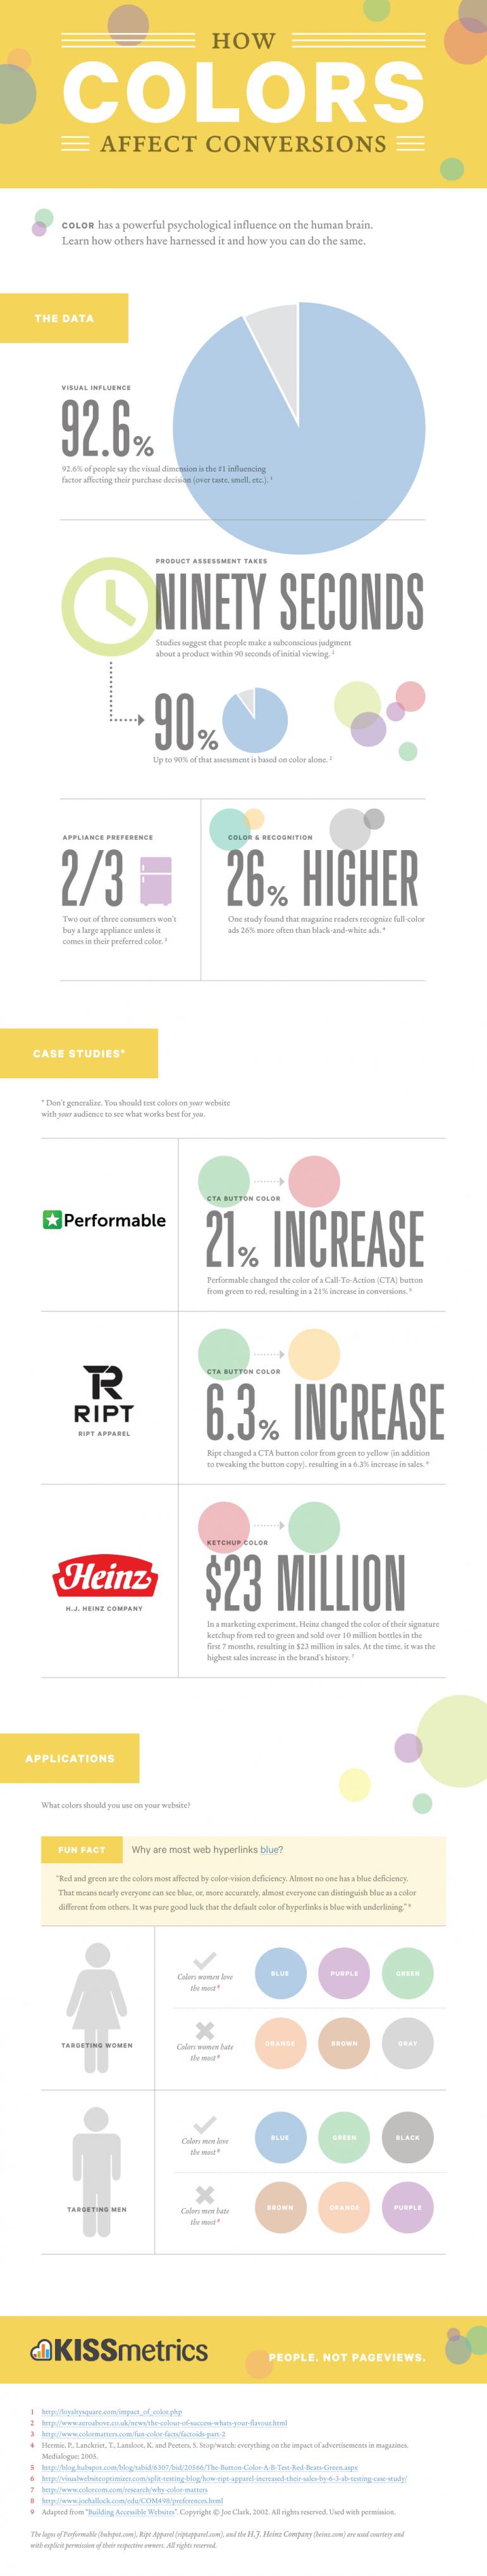 het-belang-van-kleur-in-je-marketing-en-communicatie-infographic